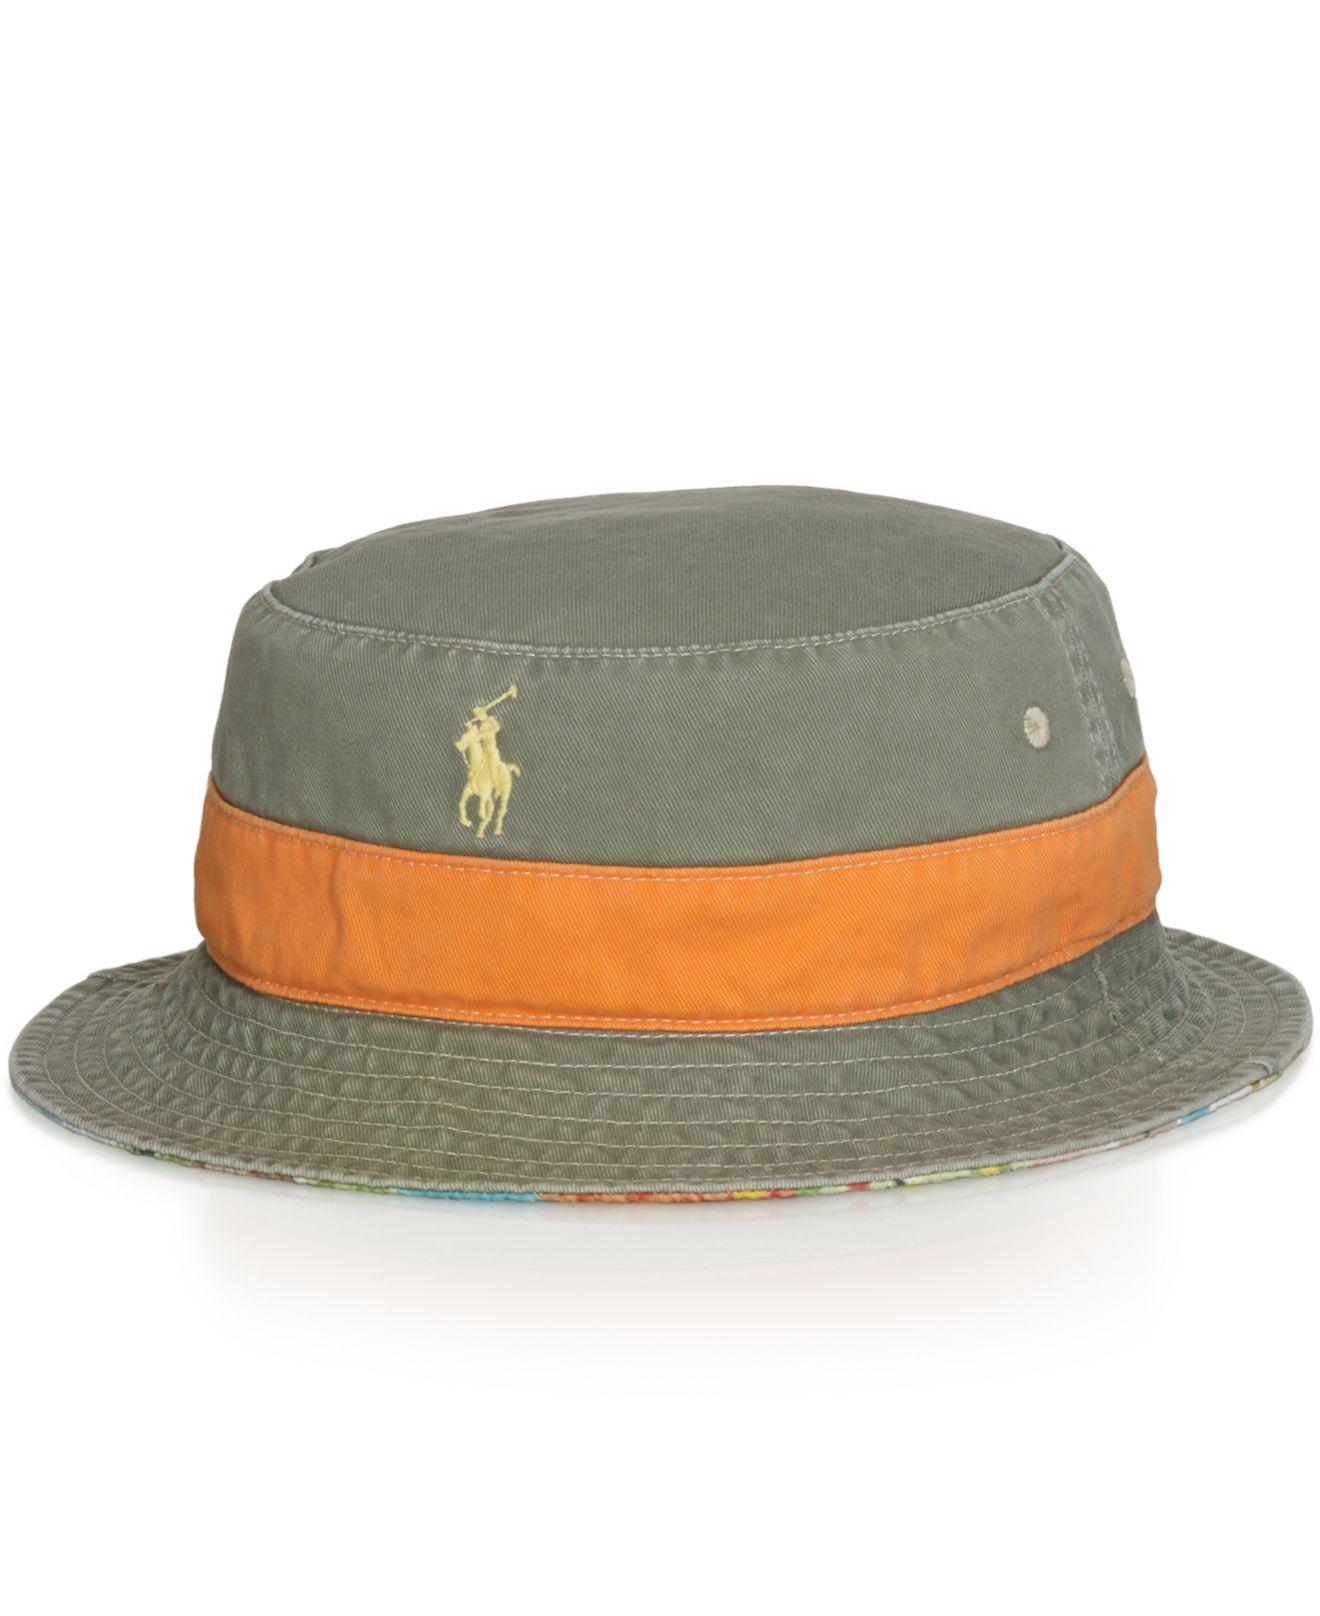 22399b425c328 Polo Ralph Lauren Reversible Bucket Hat for Men - Lyst